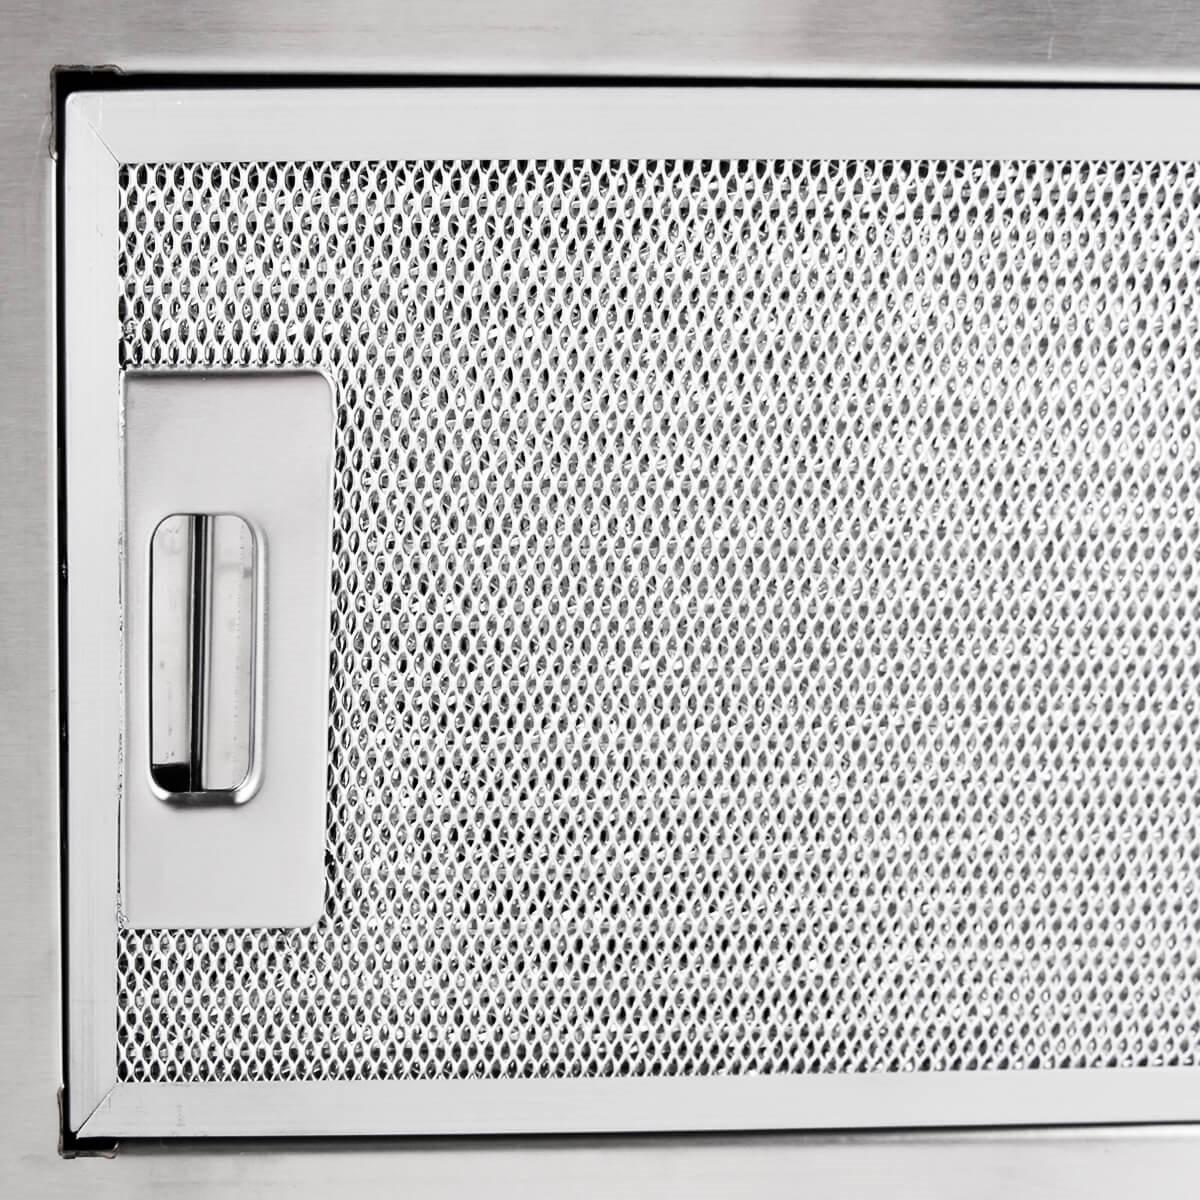 فیلتر فلزی هود چیست و چه کاربردی دارد ؟